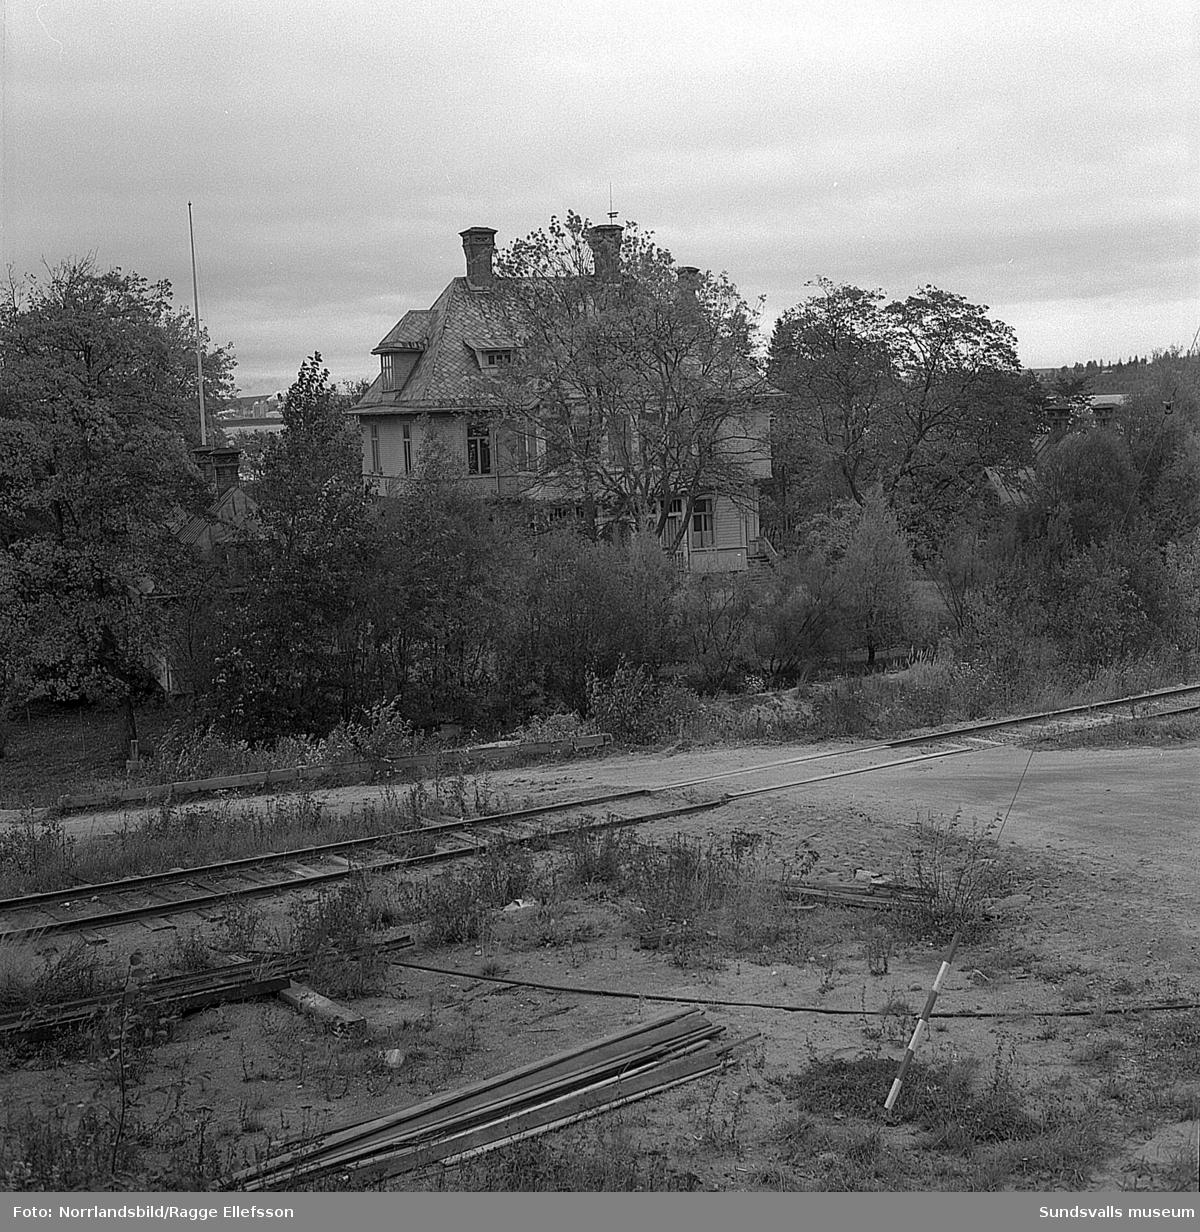 Den gamla disponentbostaden i Skönvik, även kallad Skönviks herrgård.